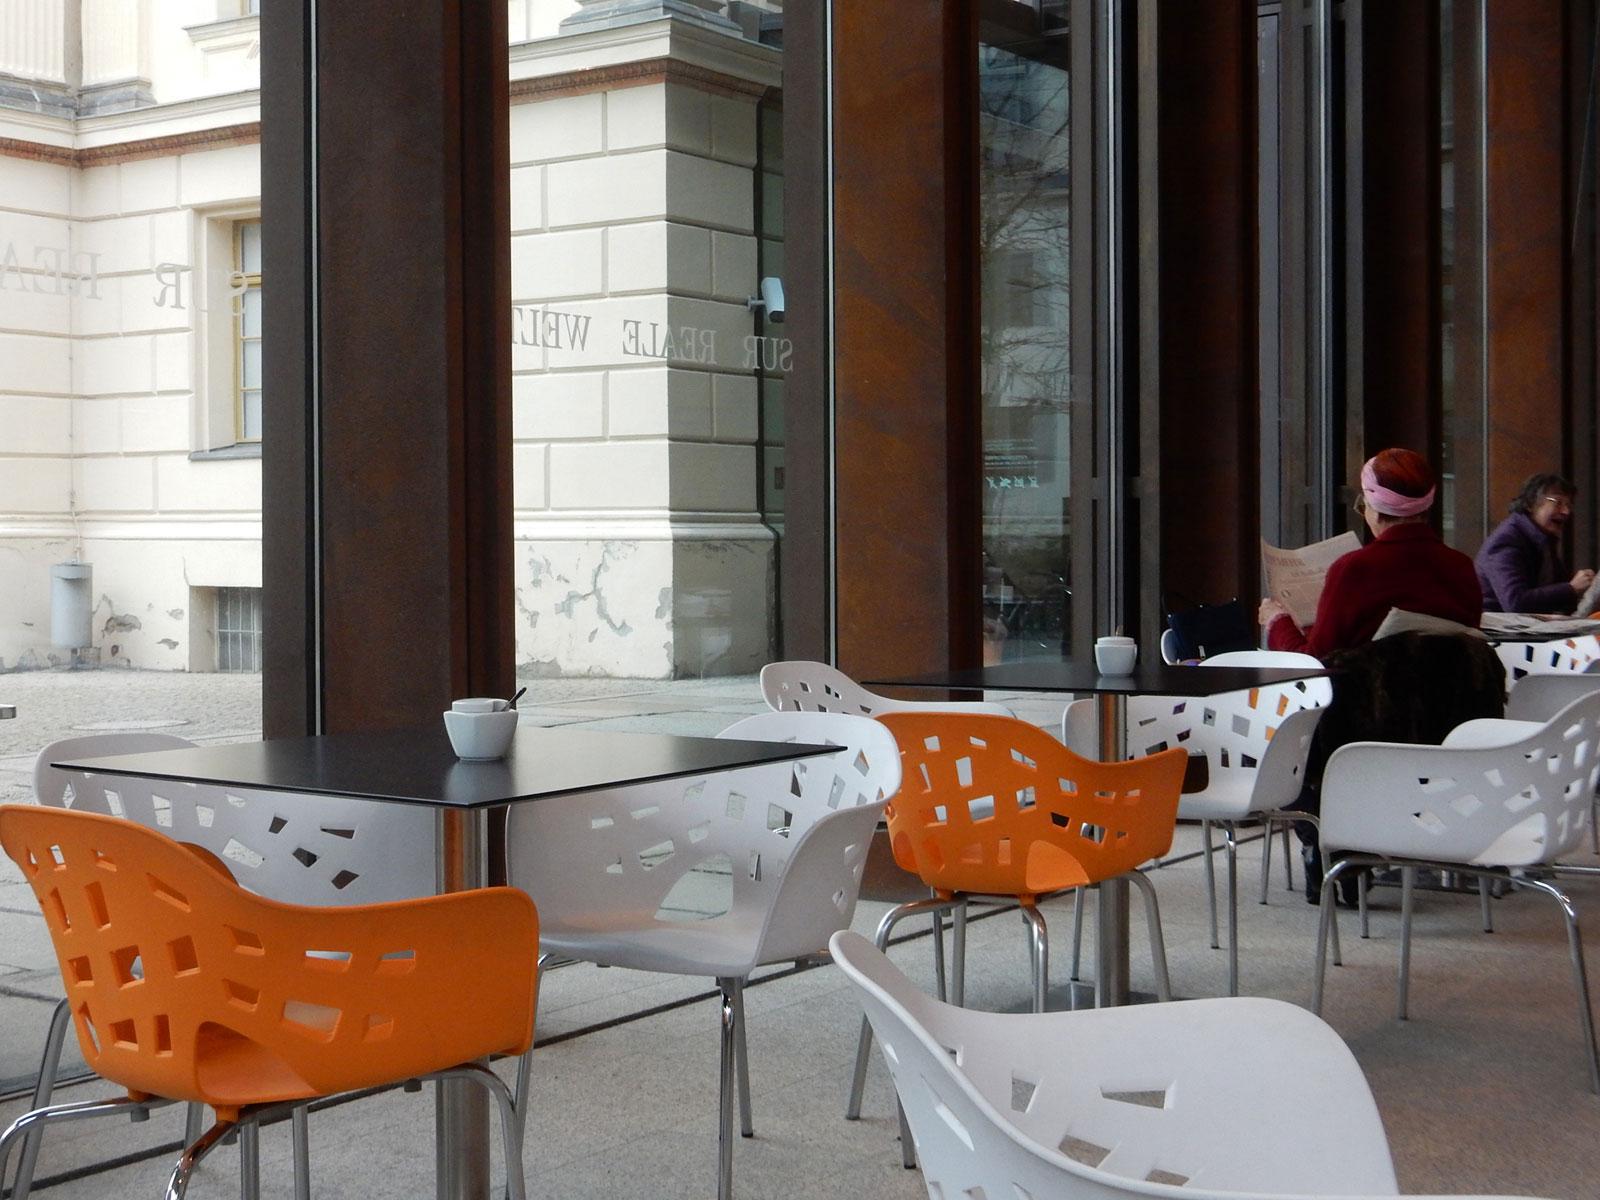 Museumscafe Berlin Sammlung Scharf-Gerstenberg